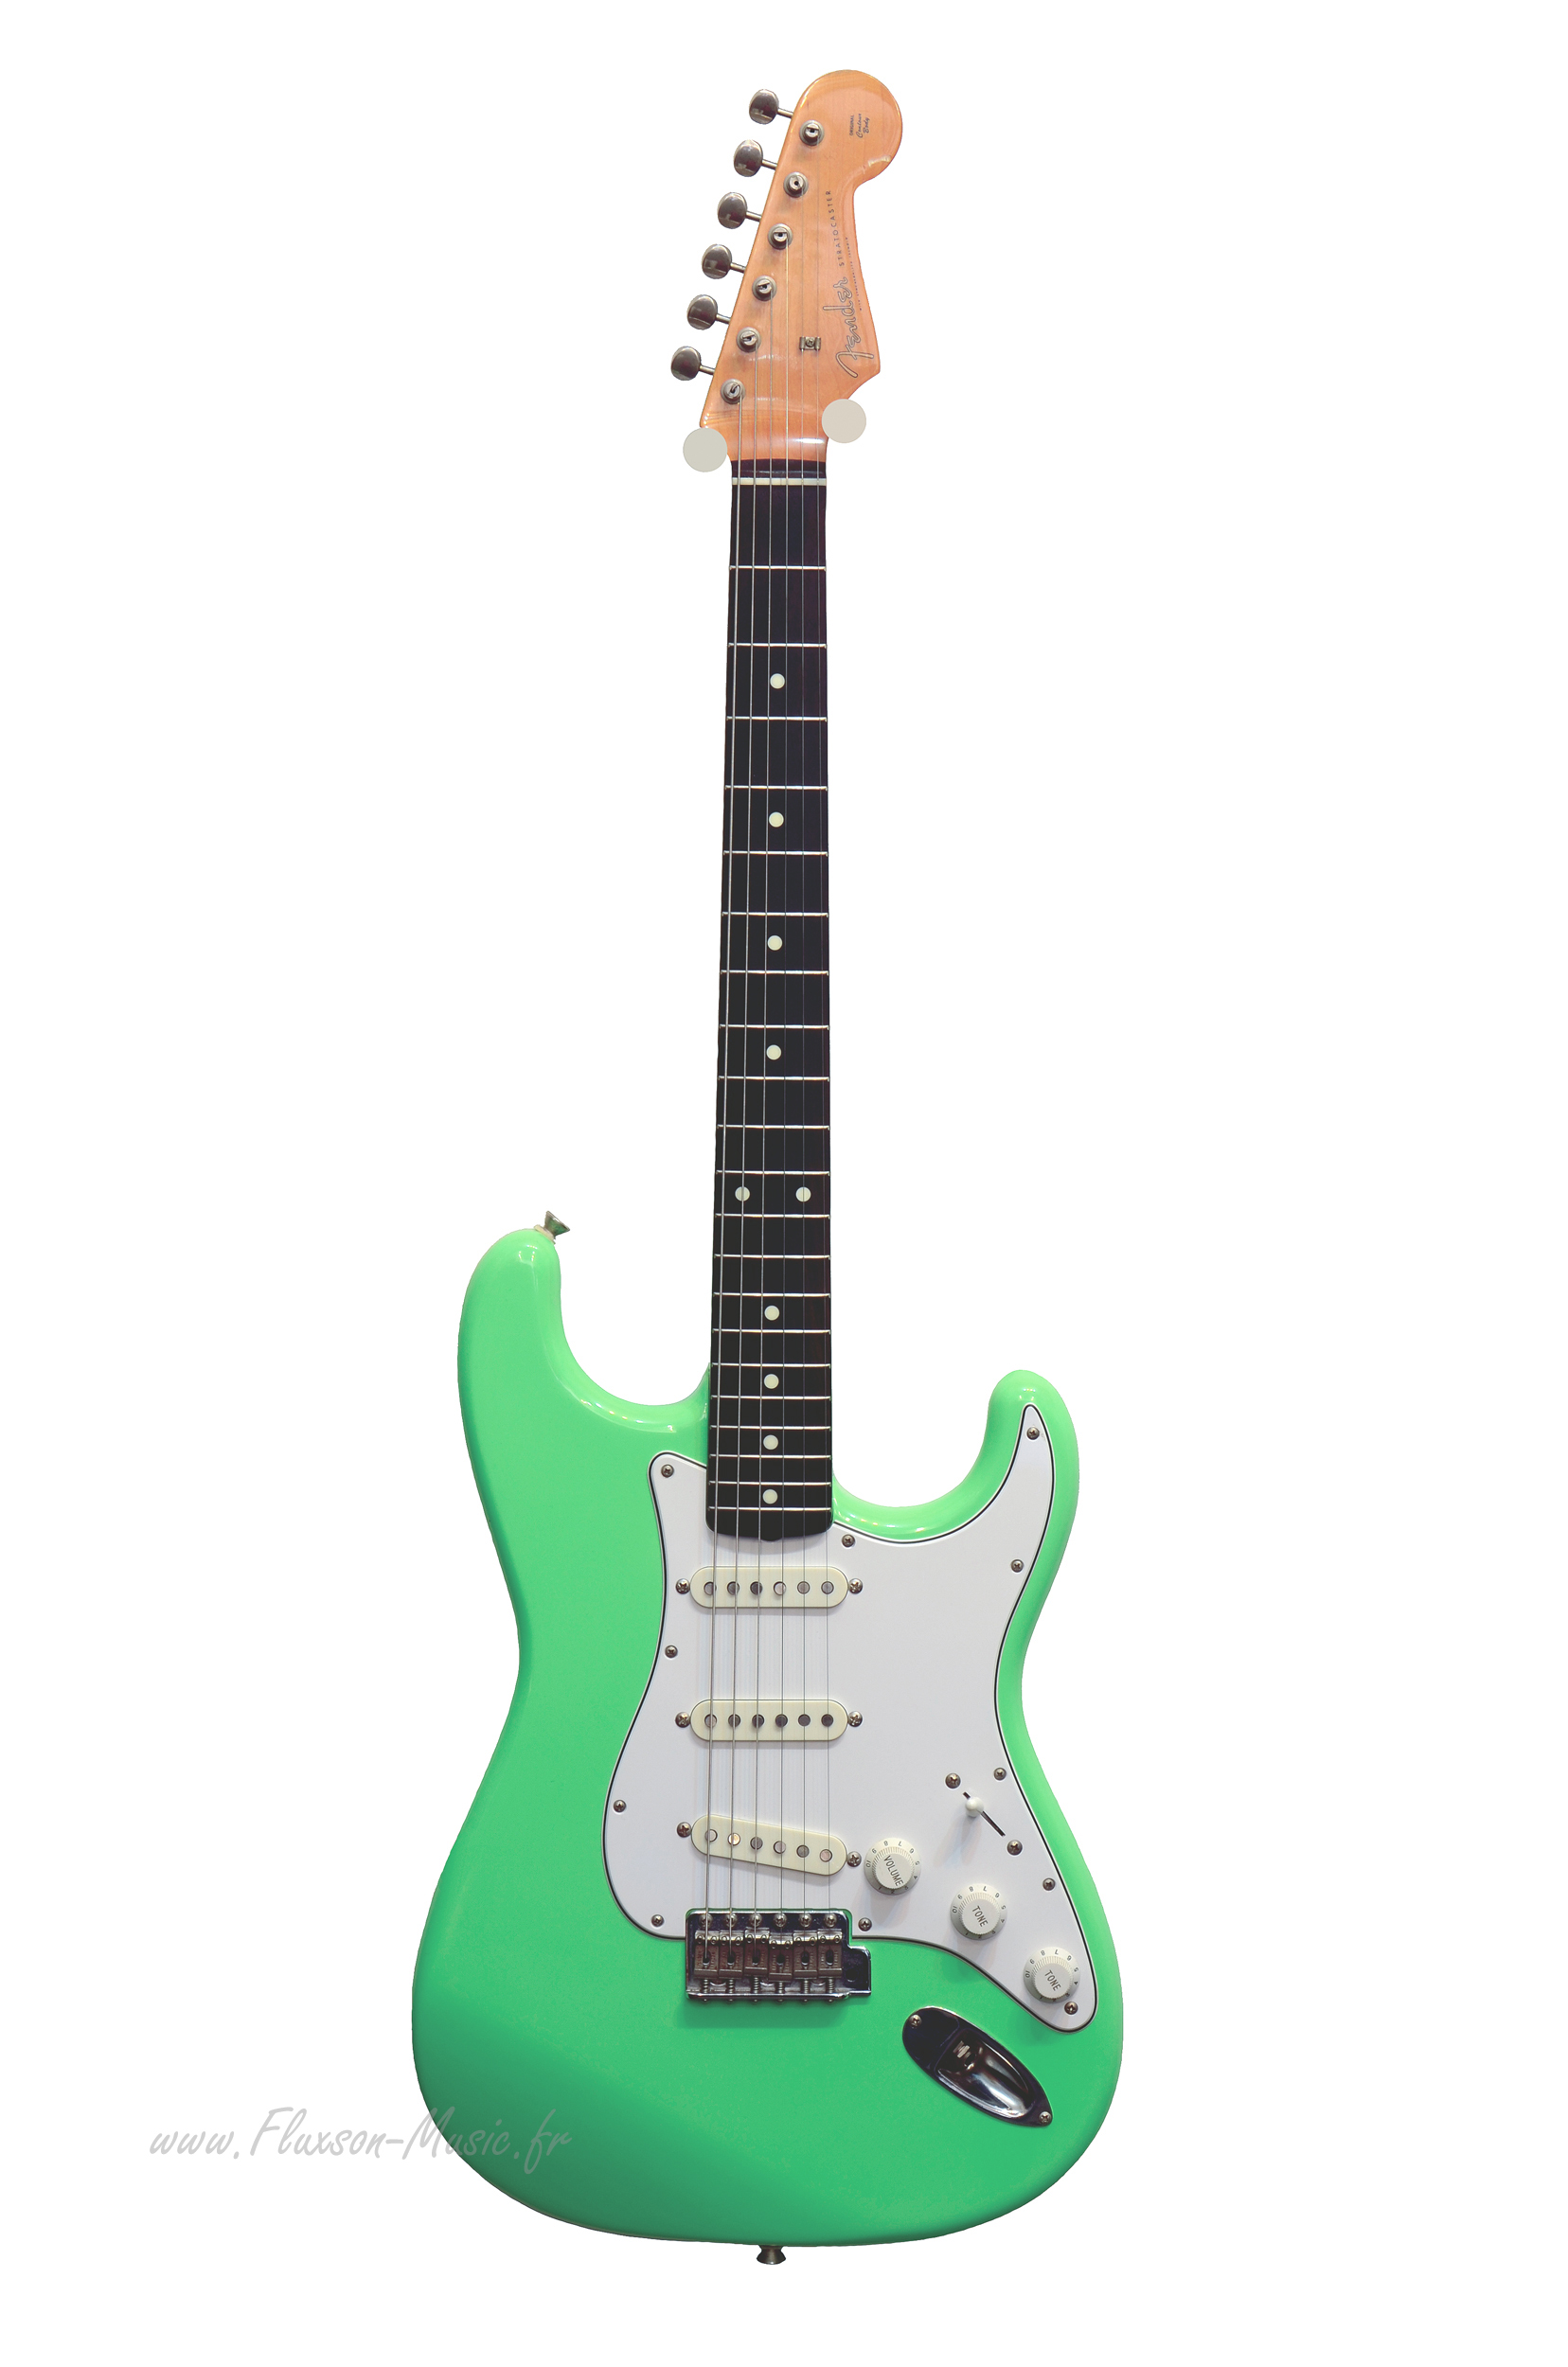 fender stratocaster st62 japan fullerton 84 39 s pickups 1991 seafoam green guitar for sale. Black Bedroom Furniture Sets. Home Design Ideas